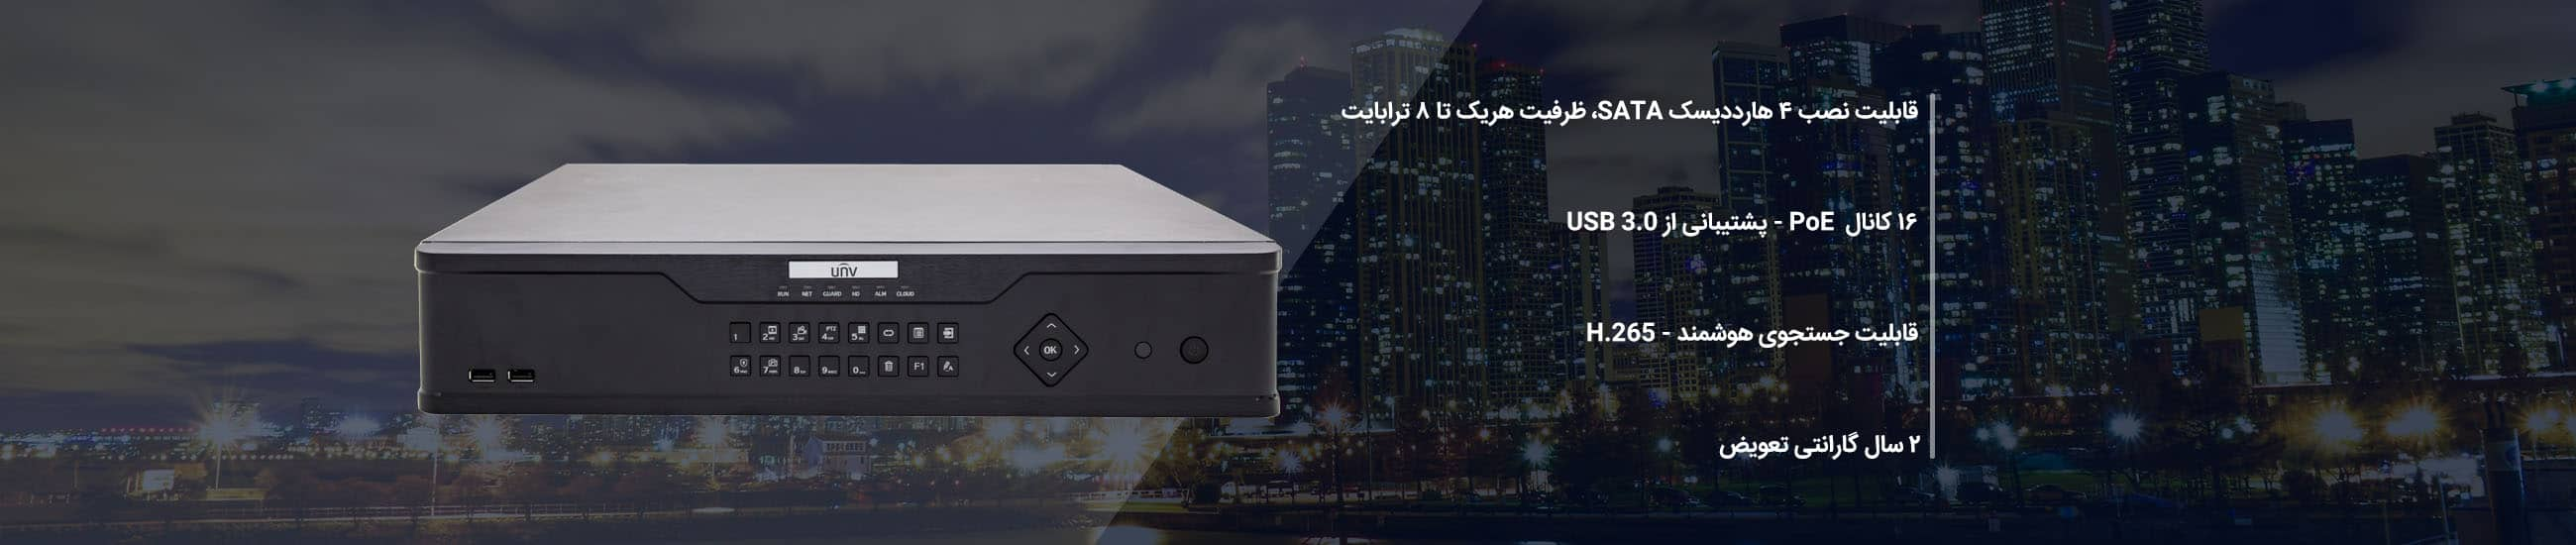 دستگاه ضبط تصویر تحت شبکه مدل NVR304-16EP